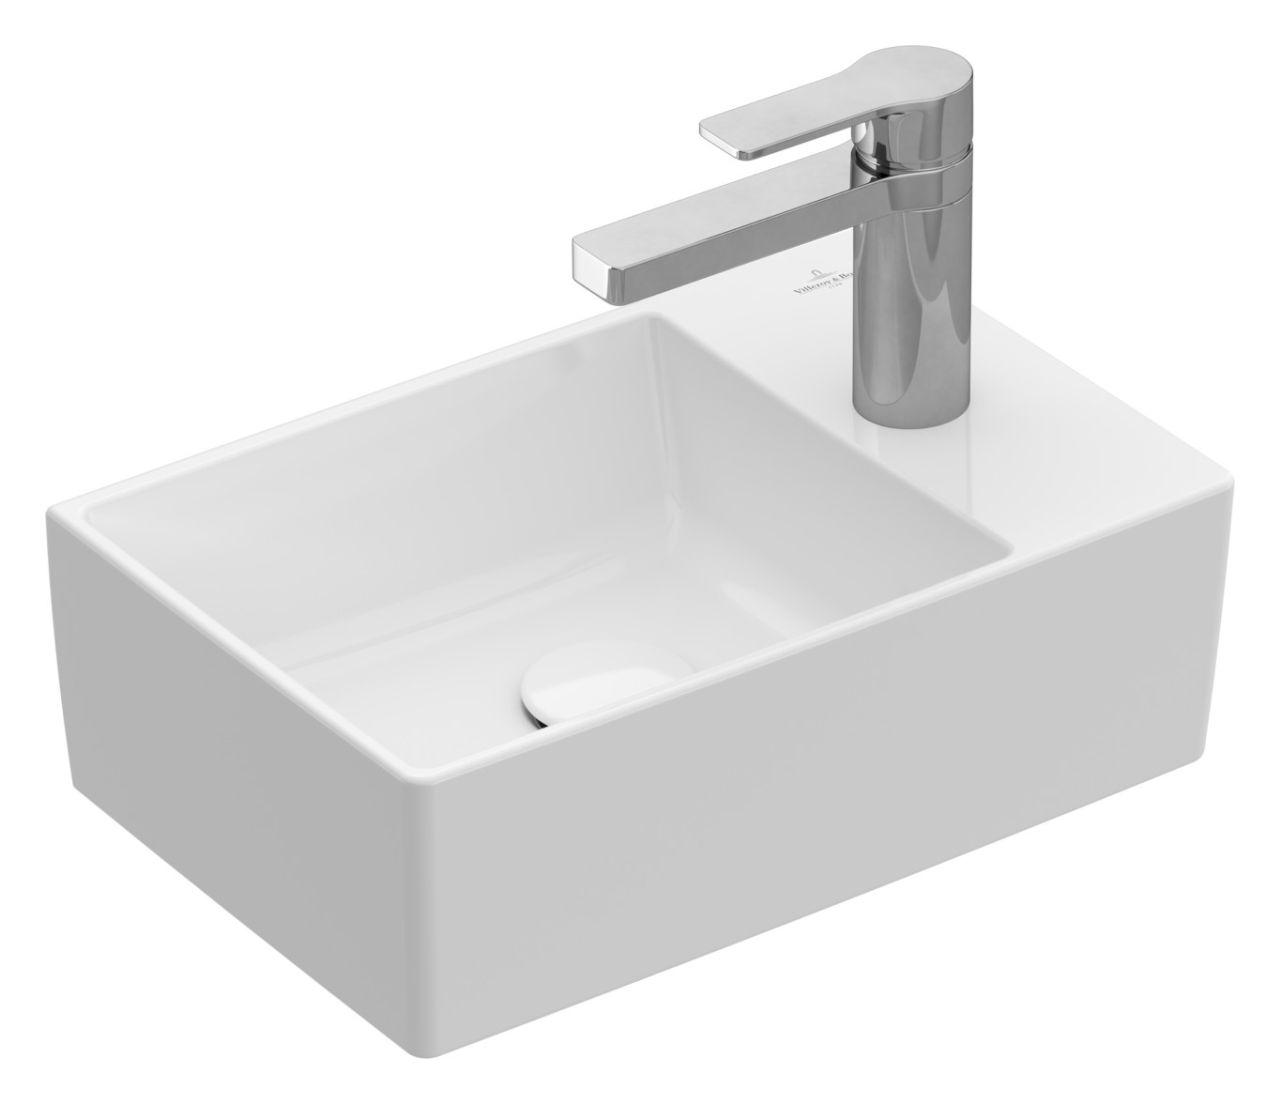 Villeroy & Boch Memento 2.0 Handwaschbecken B: 40cm ohne Überlauf Stone White CeramicPlus 43234GRW